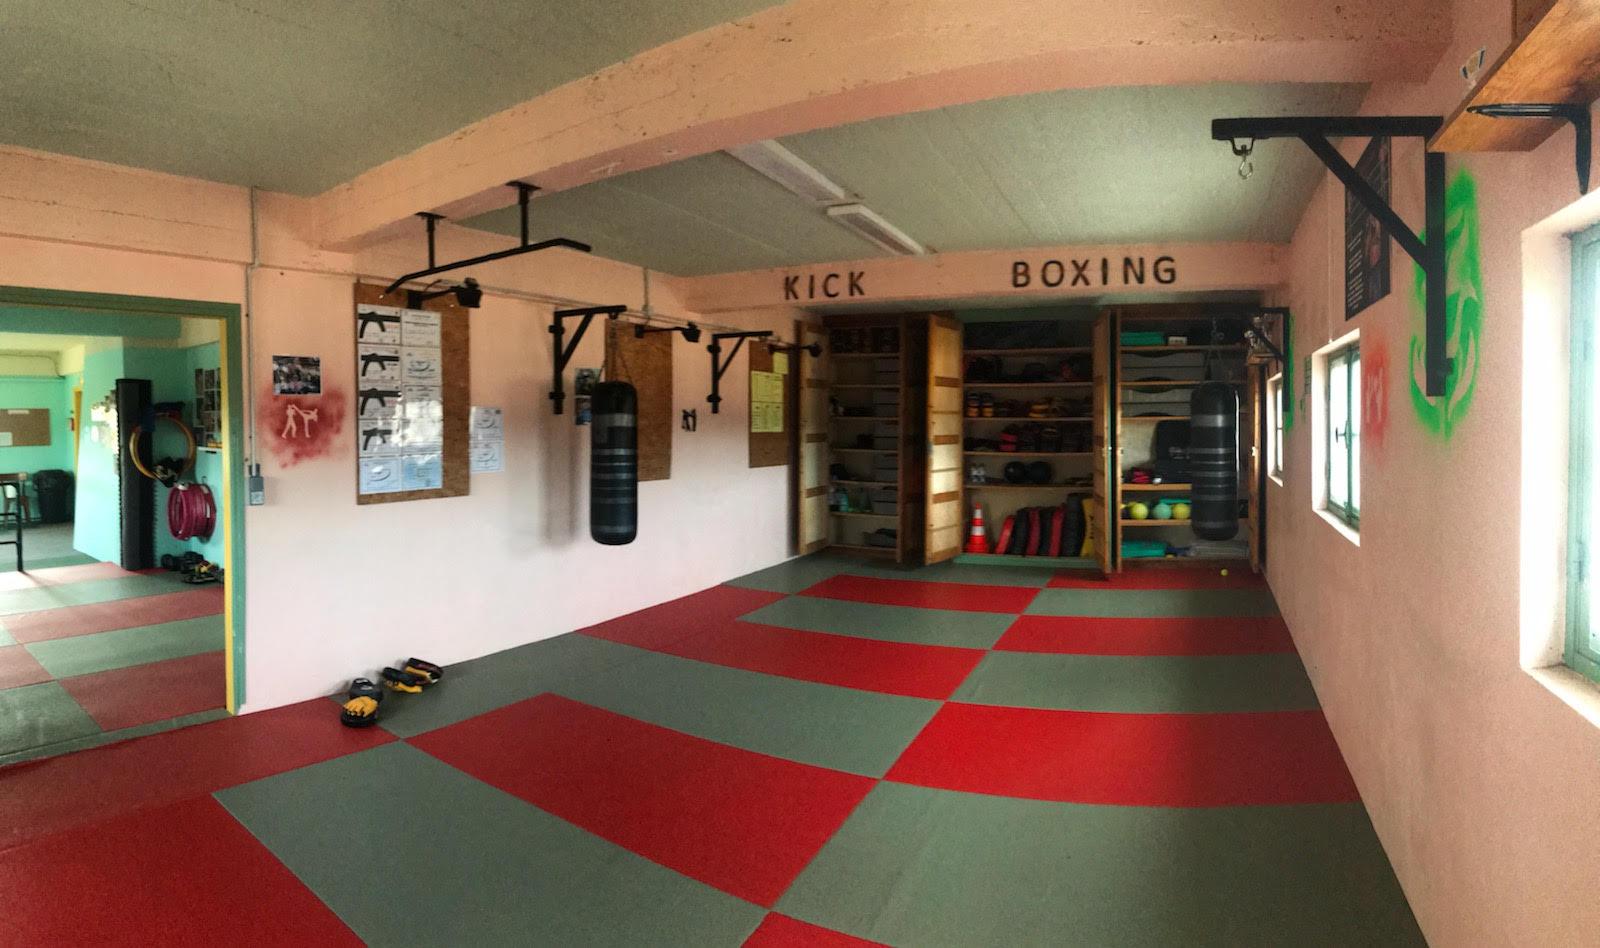 La salle de kick-boxing